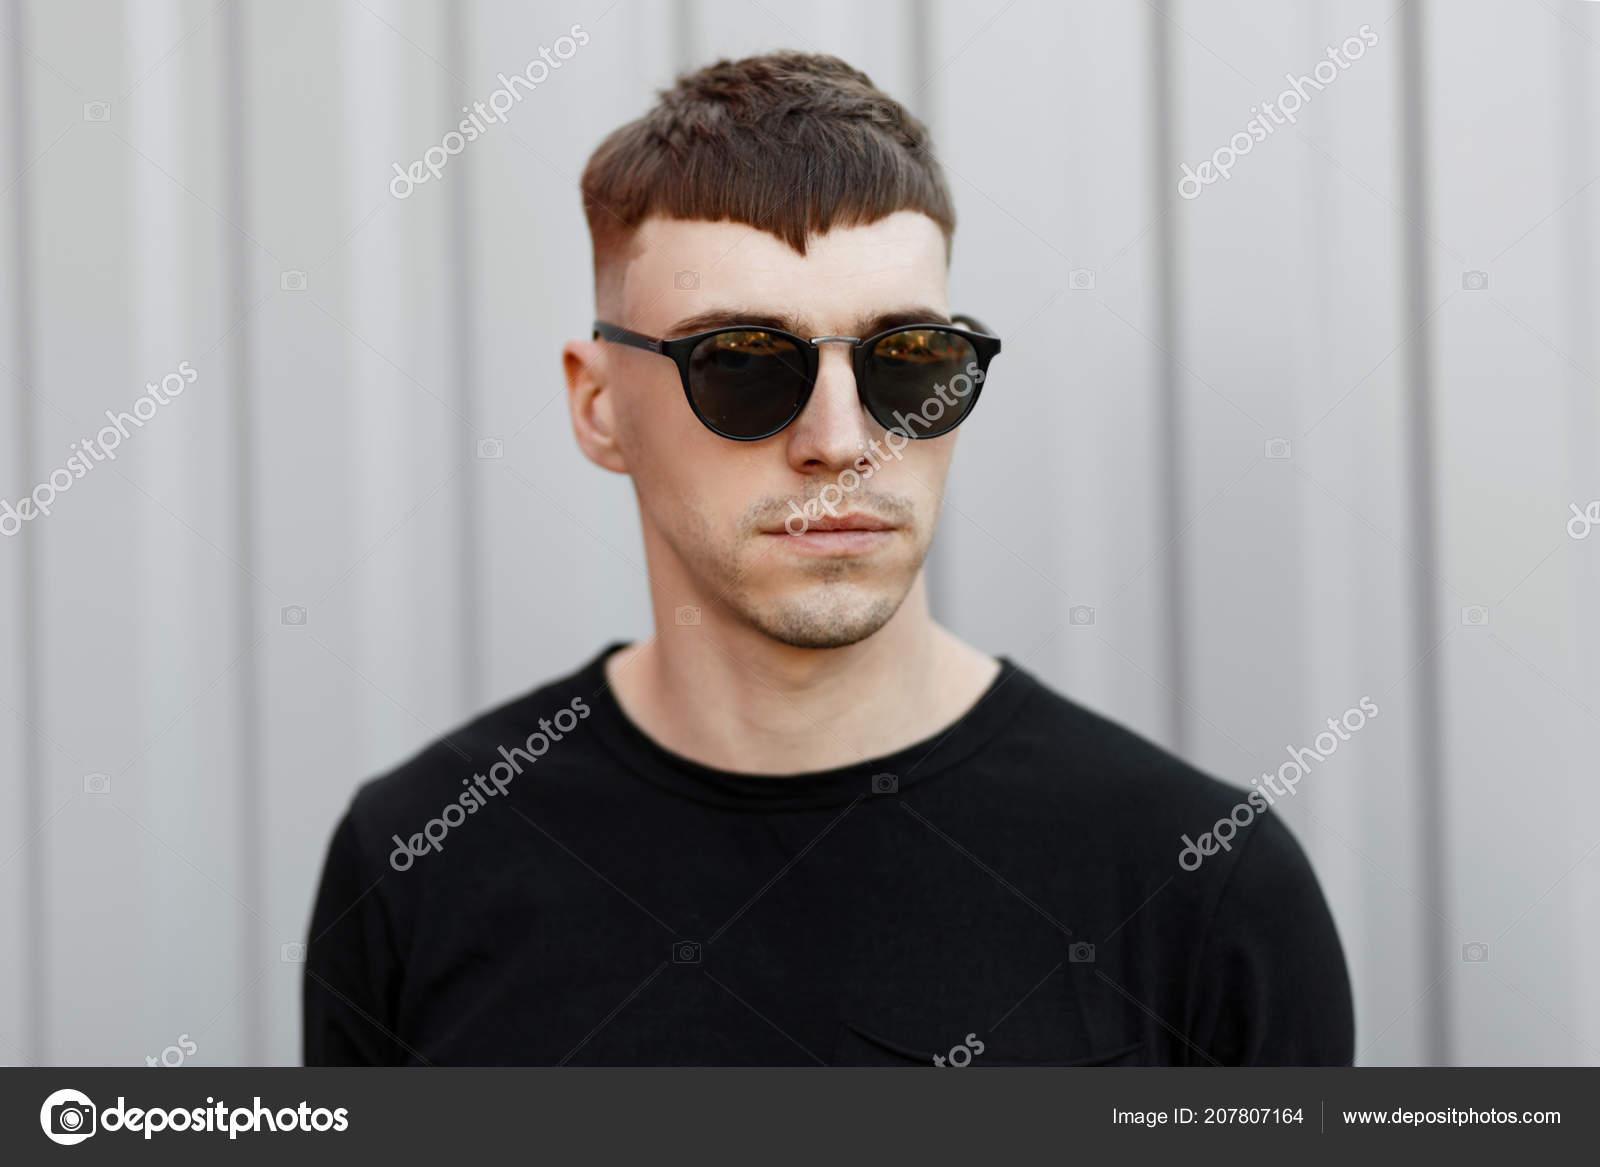 ac7561b6749 La mode portrait d un jeune homme élégant avec lunettes de soleil mode dans  un débardeur noir près du mur gris — Image de ...